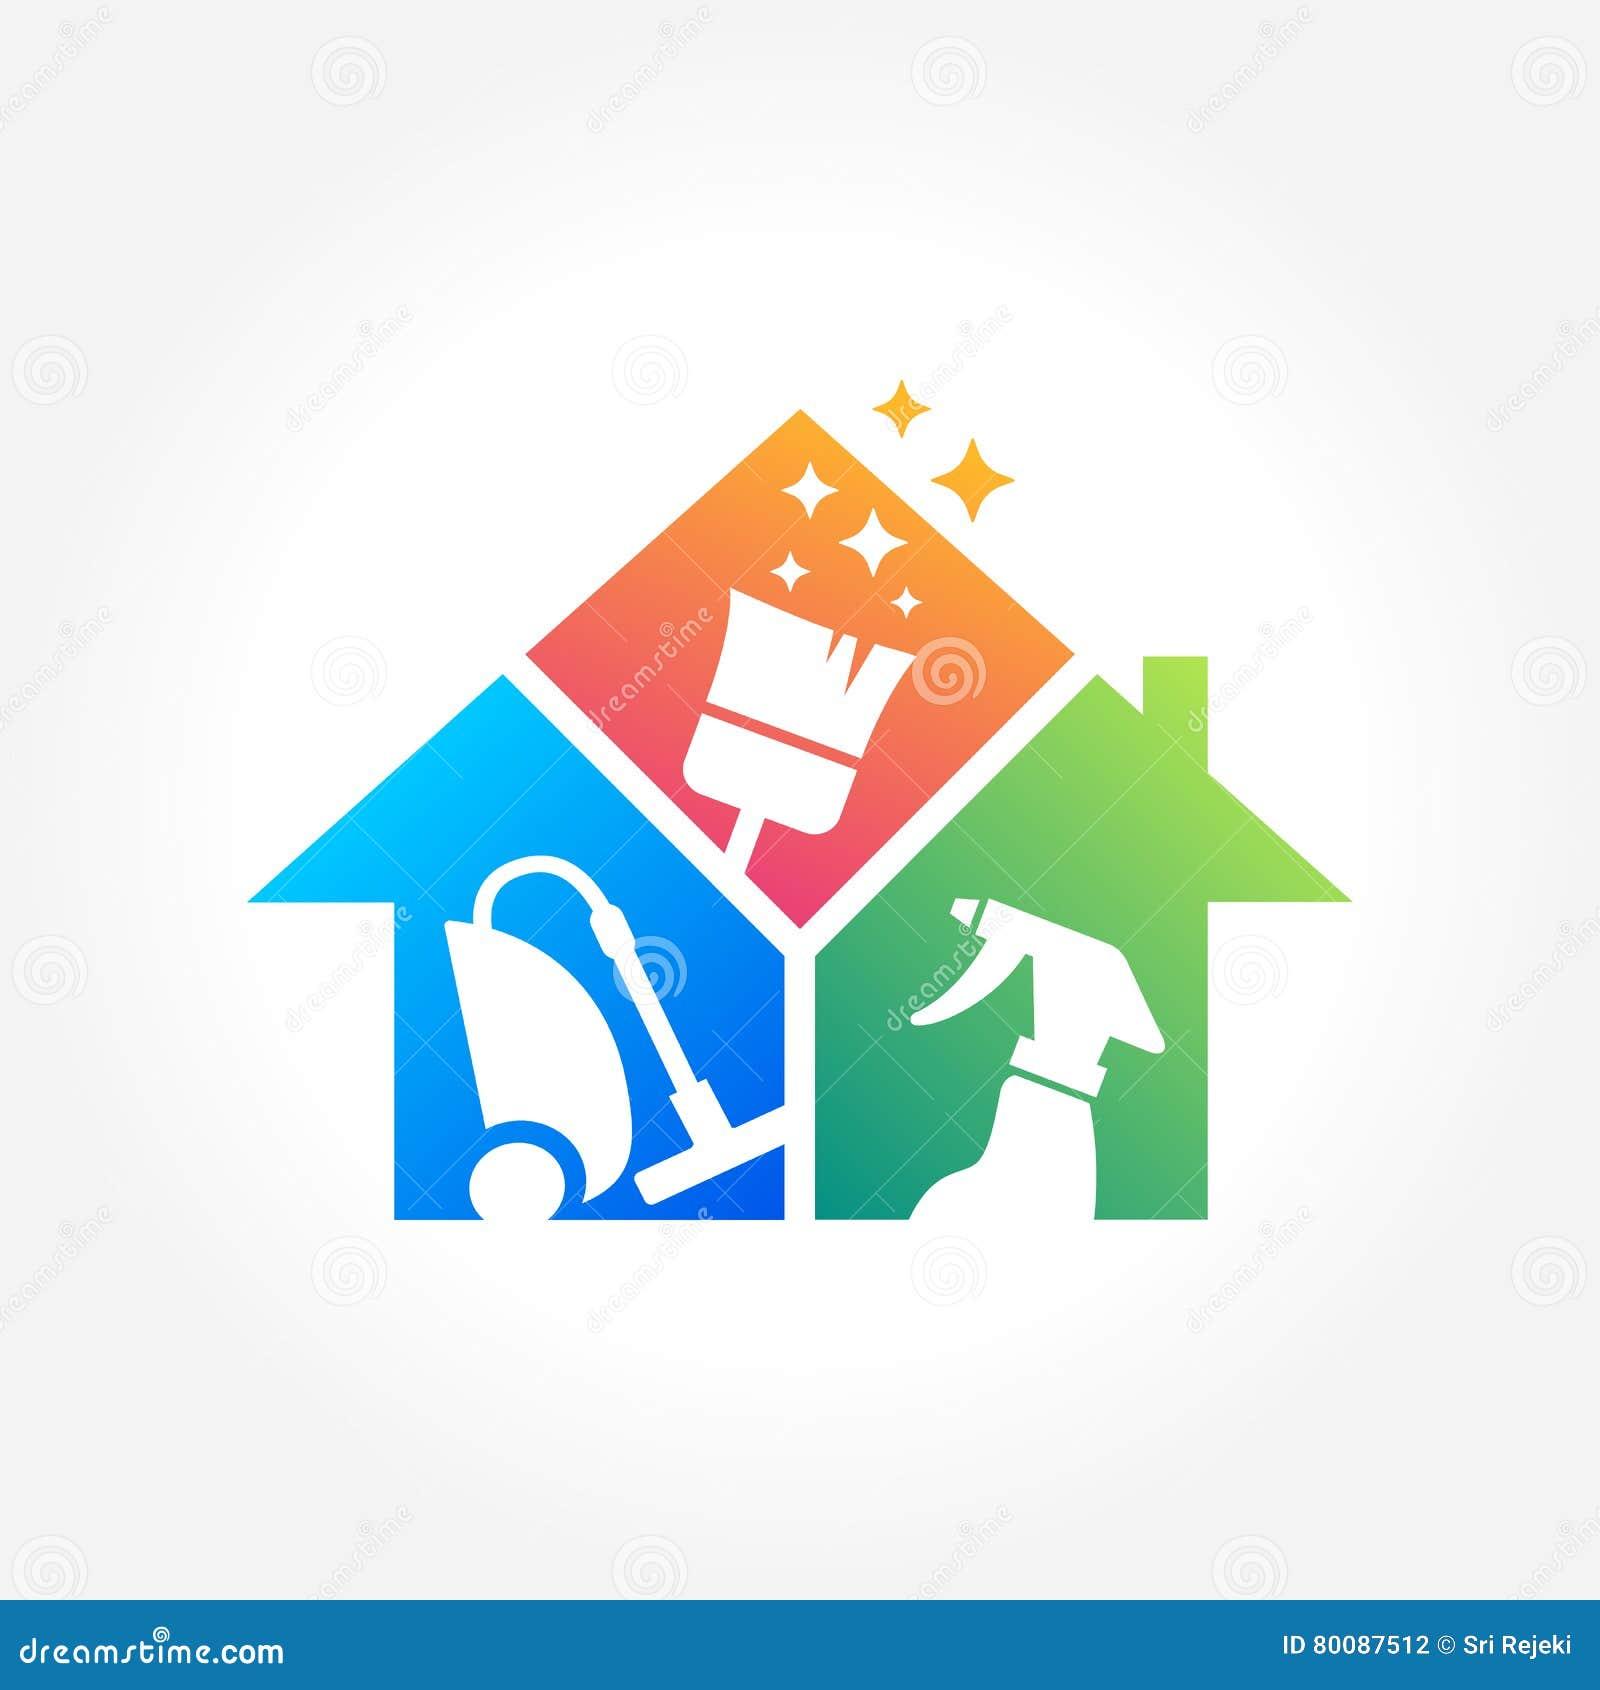 dise u00f1o del logotipo de la empresa de servicios de la cleaning services logo templates cleaning services logo maker